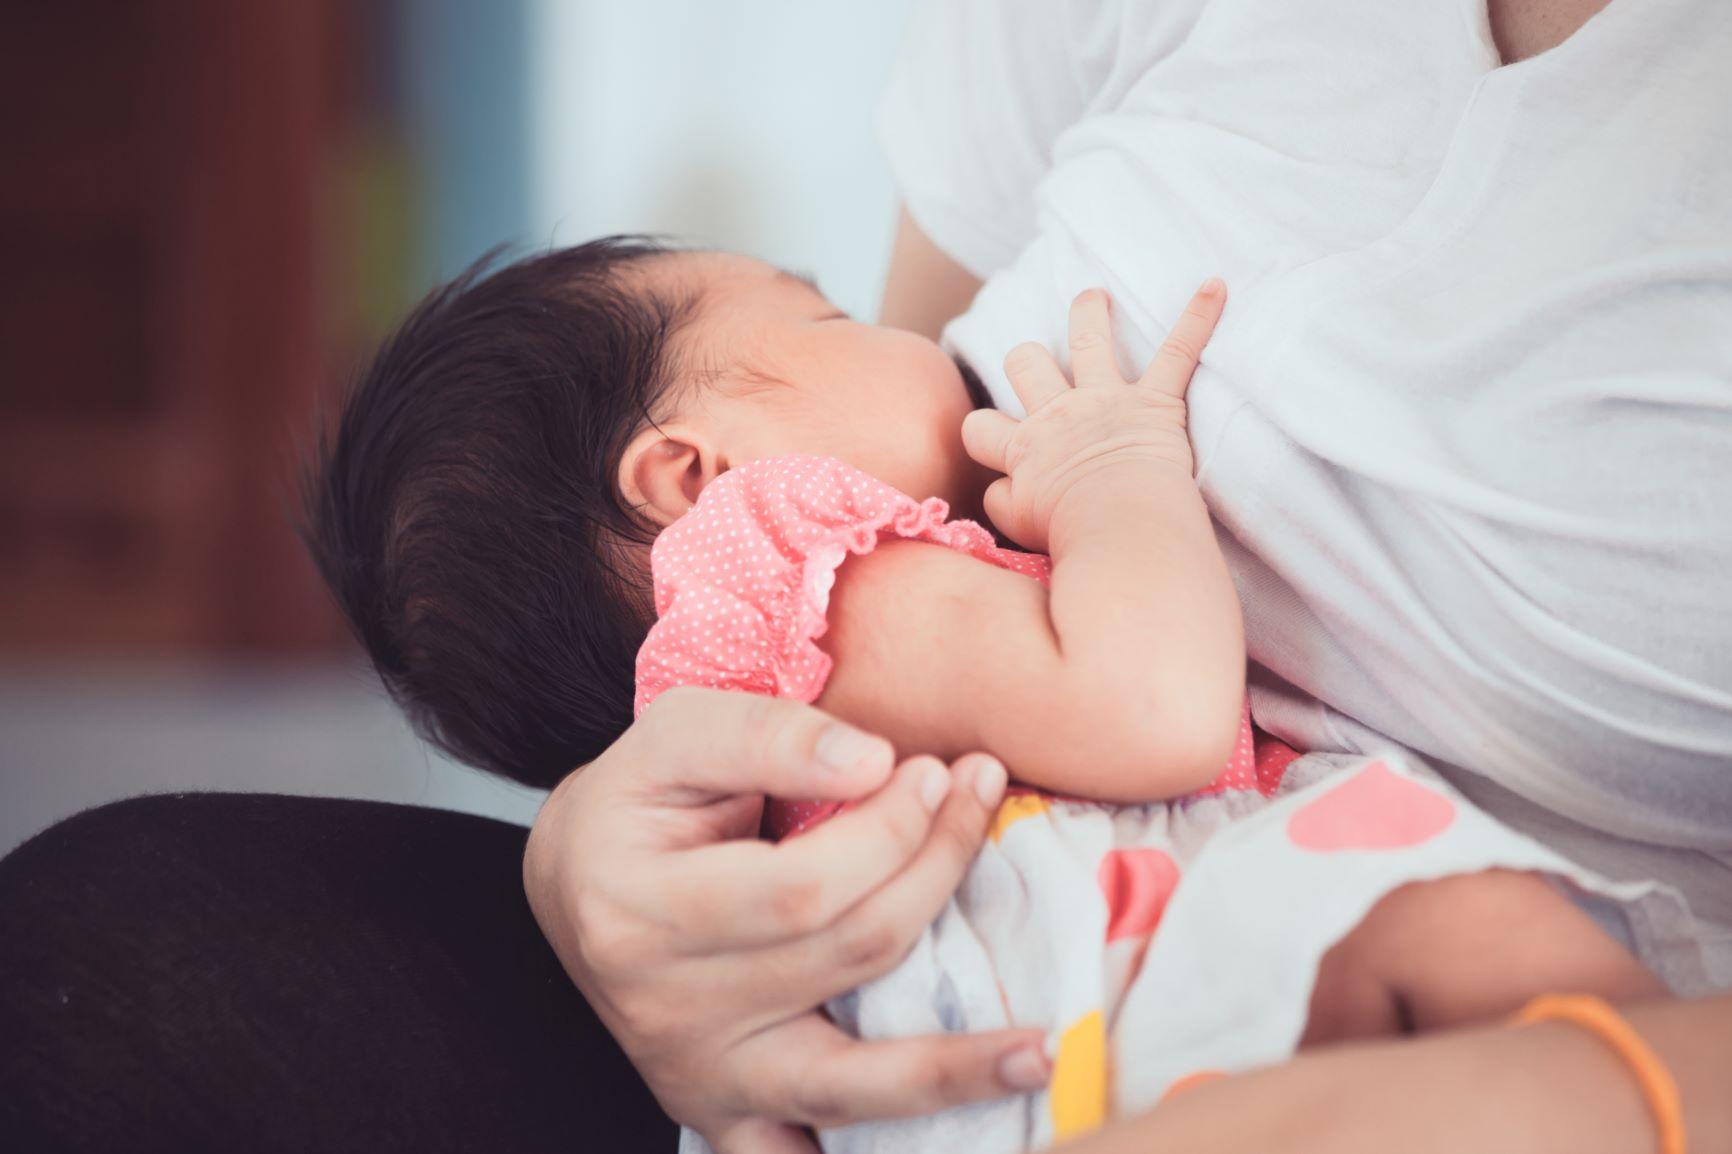 เลี้ยงลูกด้วยนมแม่ช่วงโควิด-19 ทำได้ แนะควรป้องกันอย่างดี thaihealth